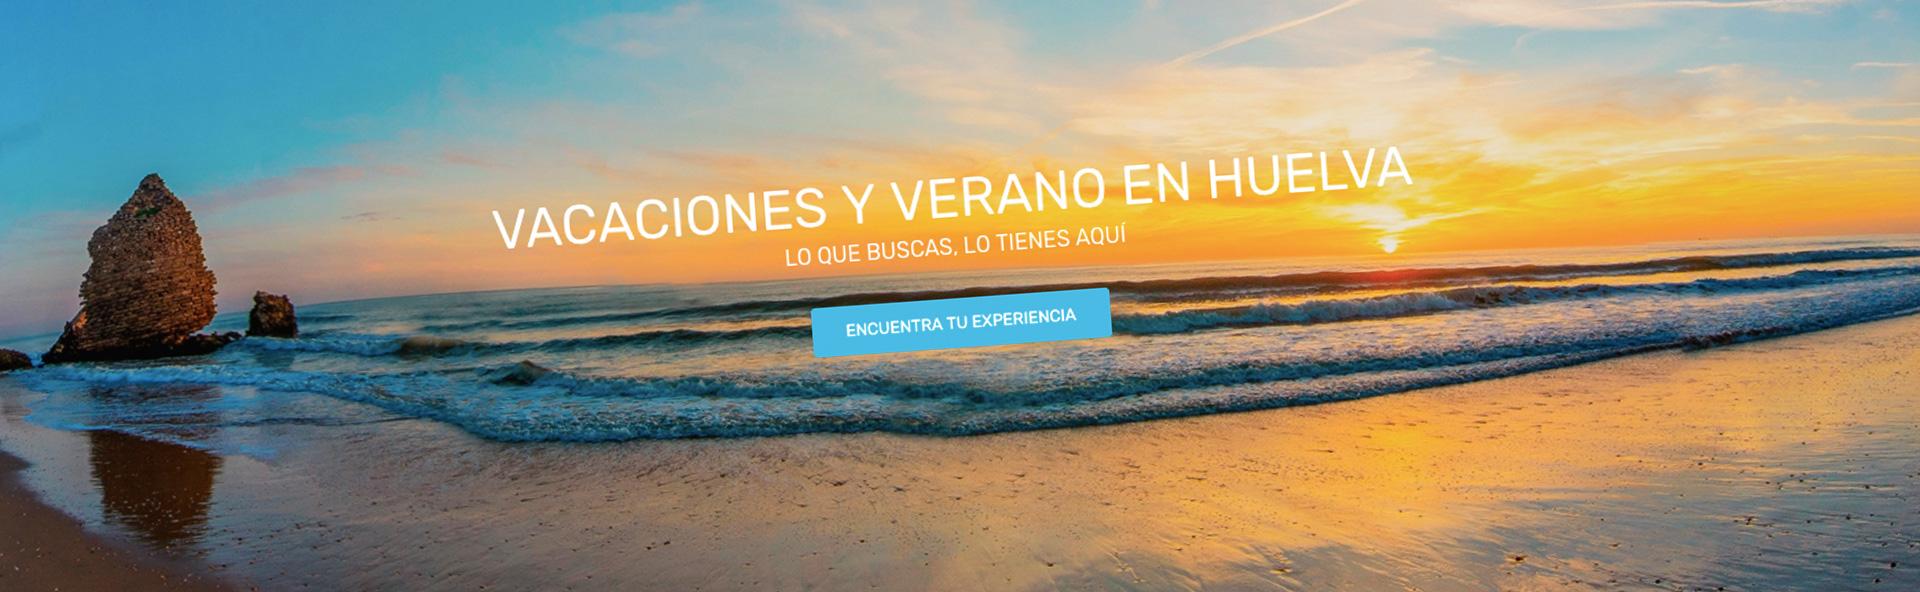 Vacaciones de verano en Huelva